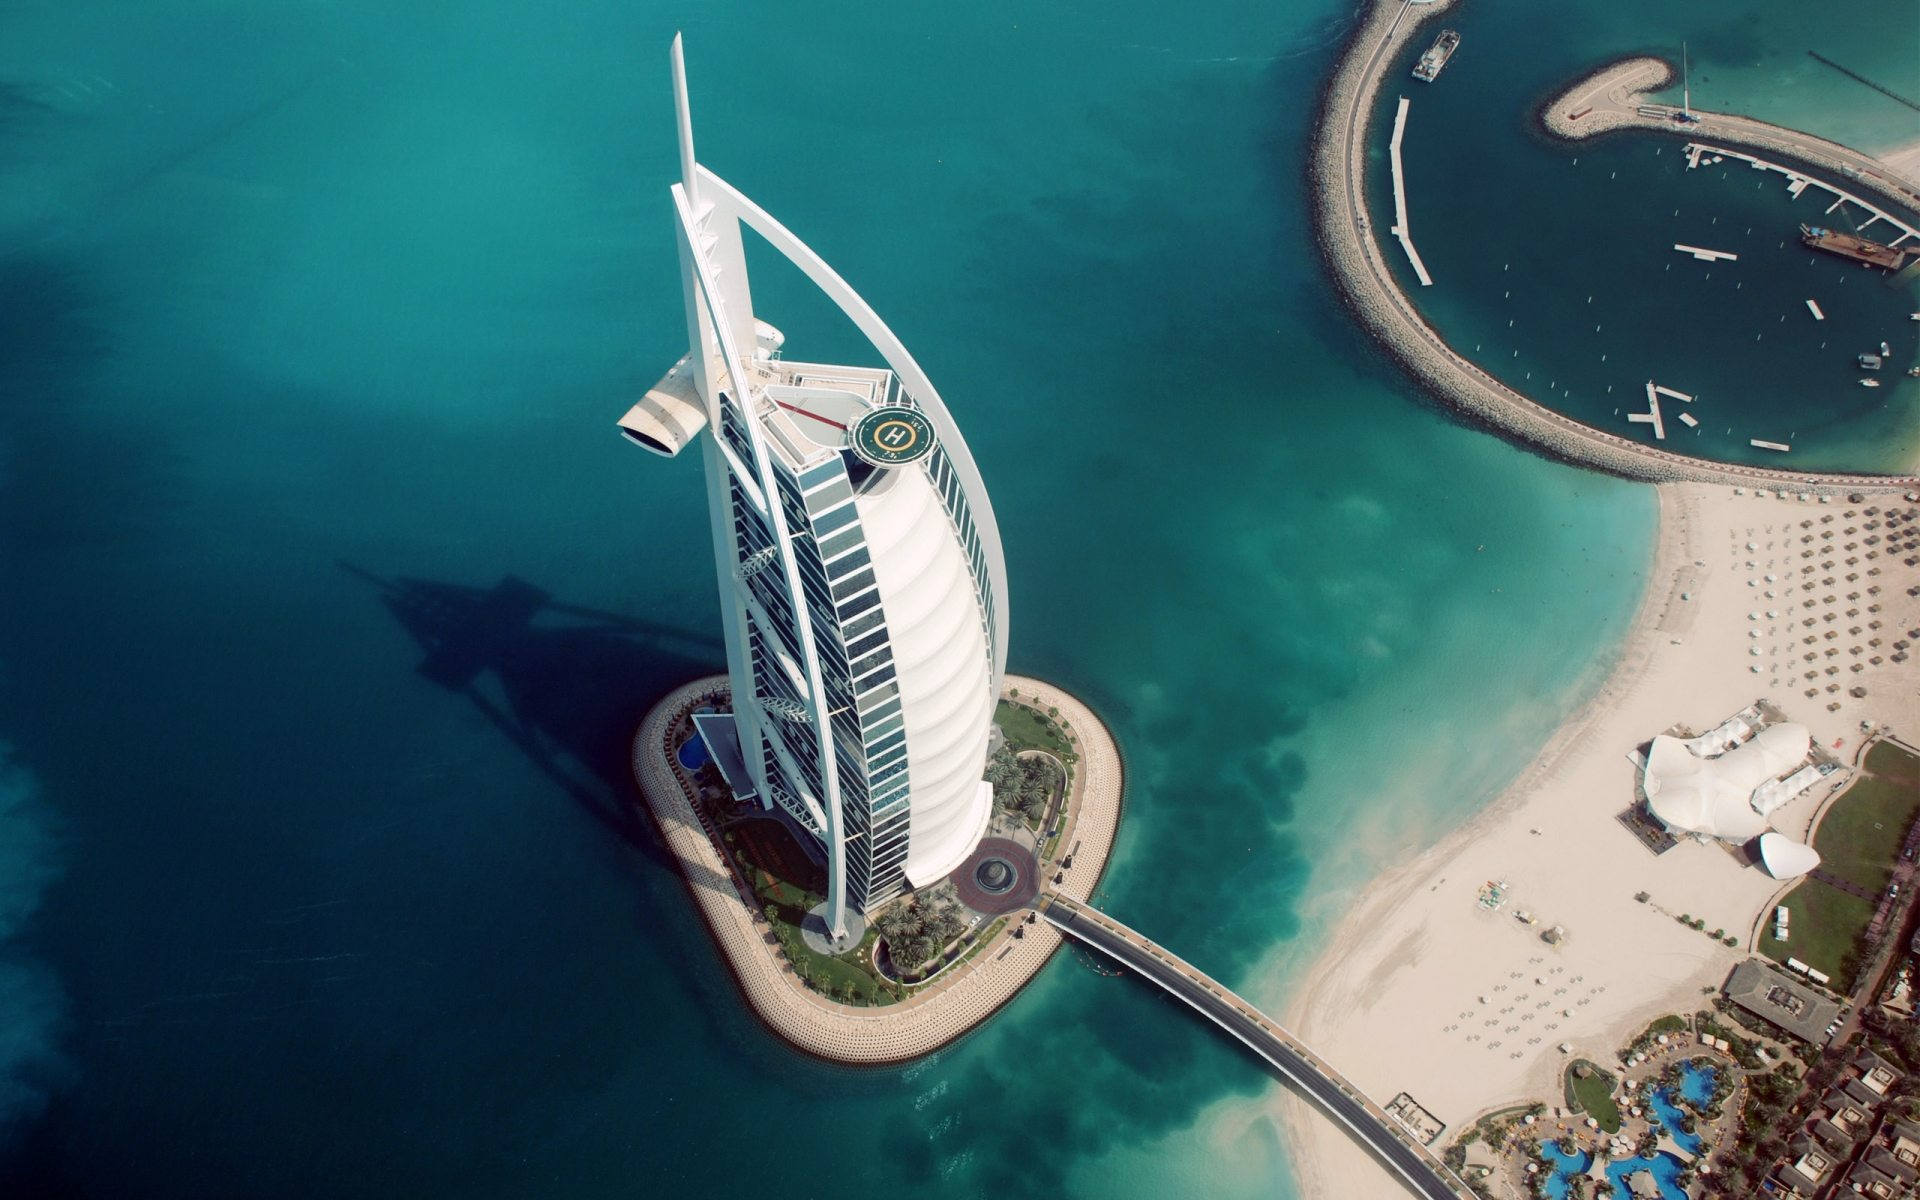 برج العرب burj alarab (2)